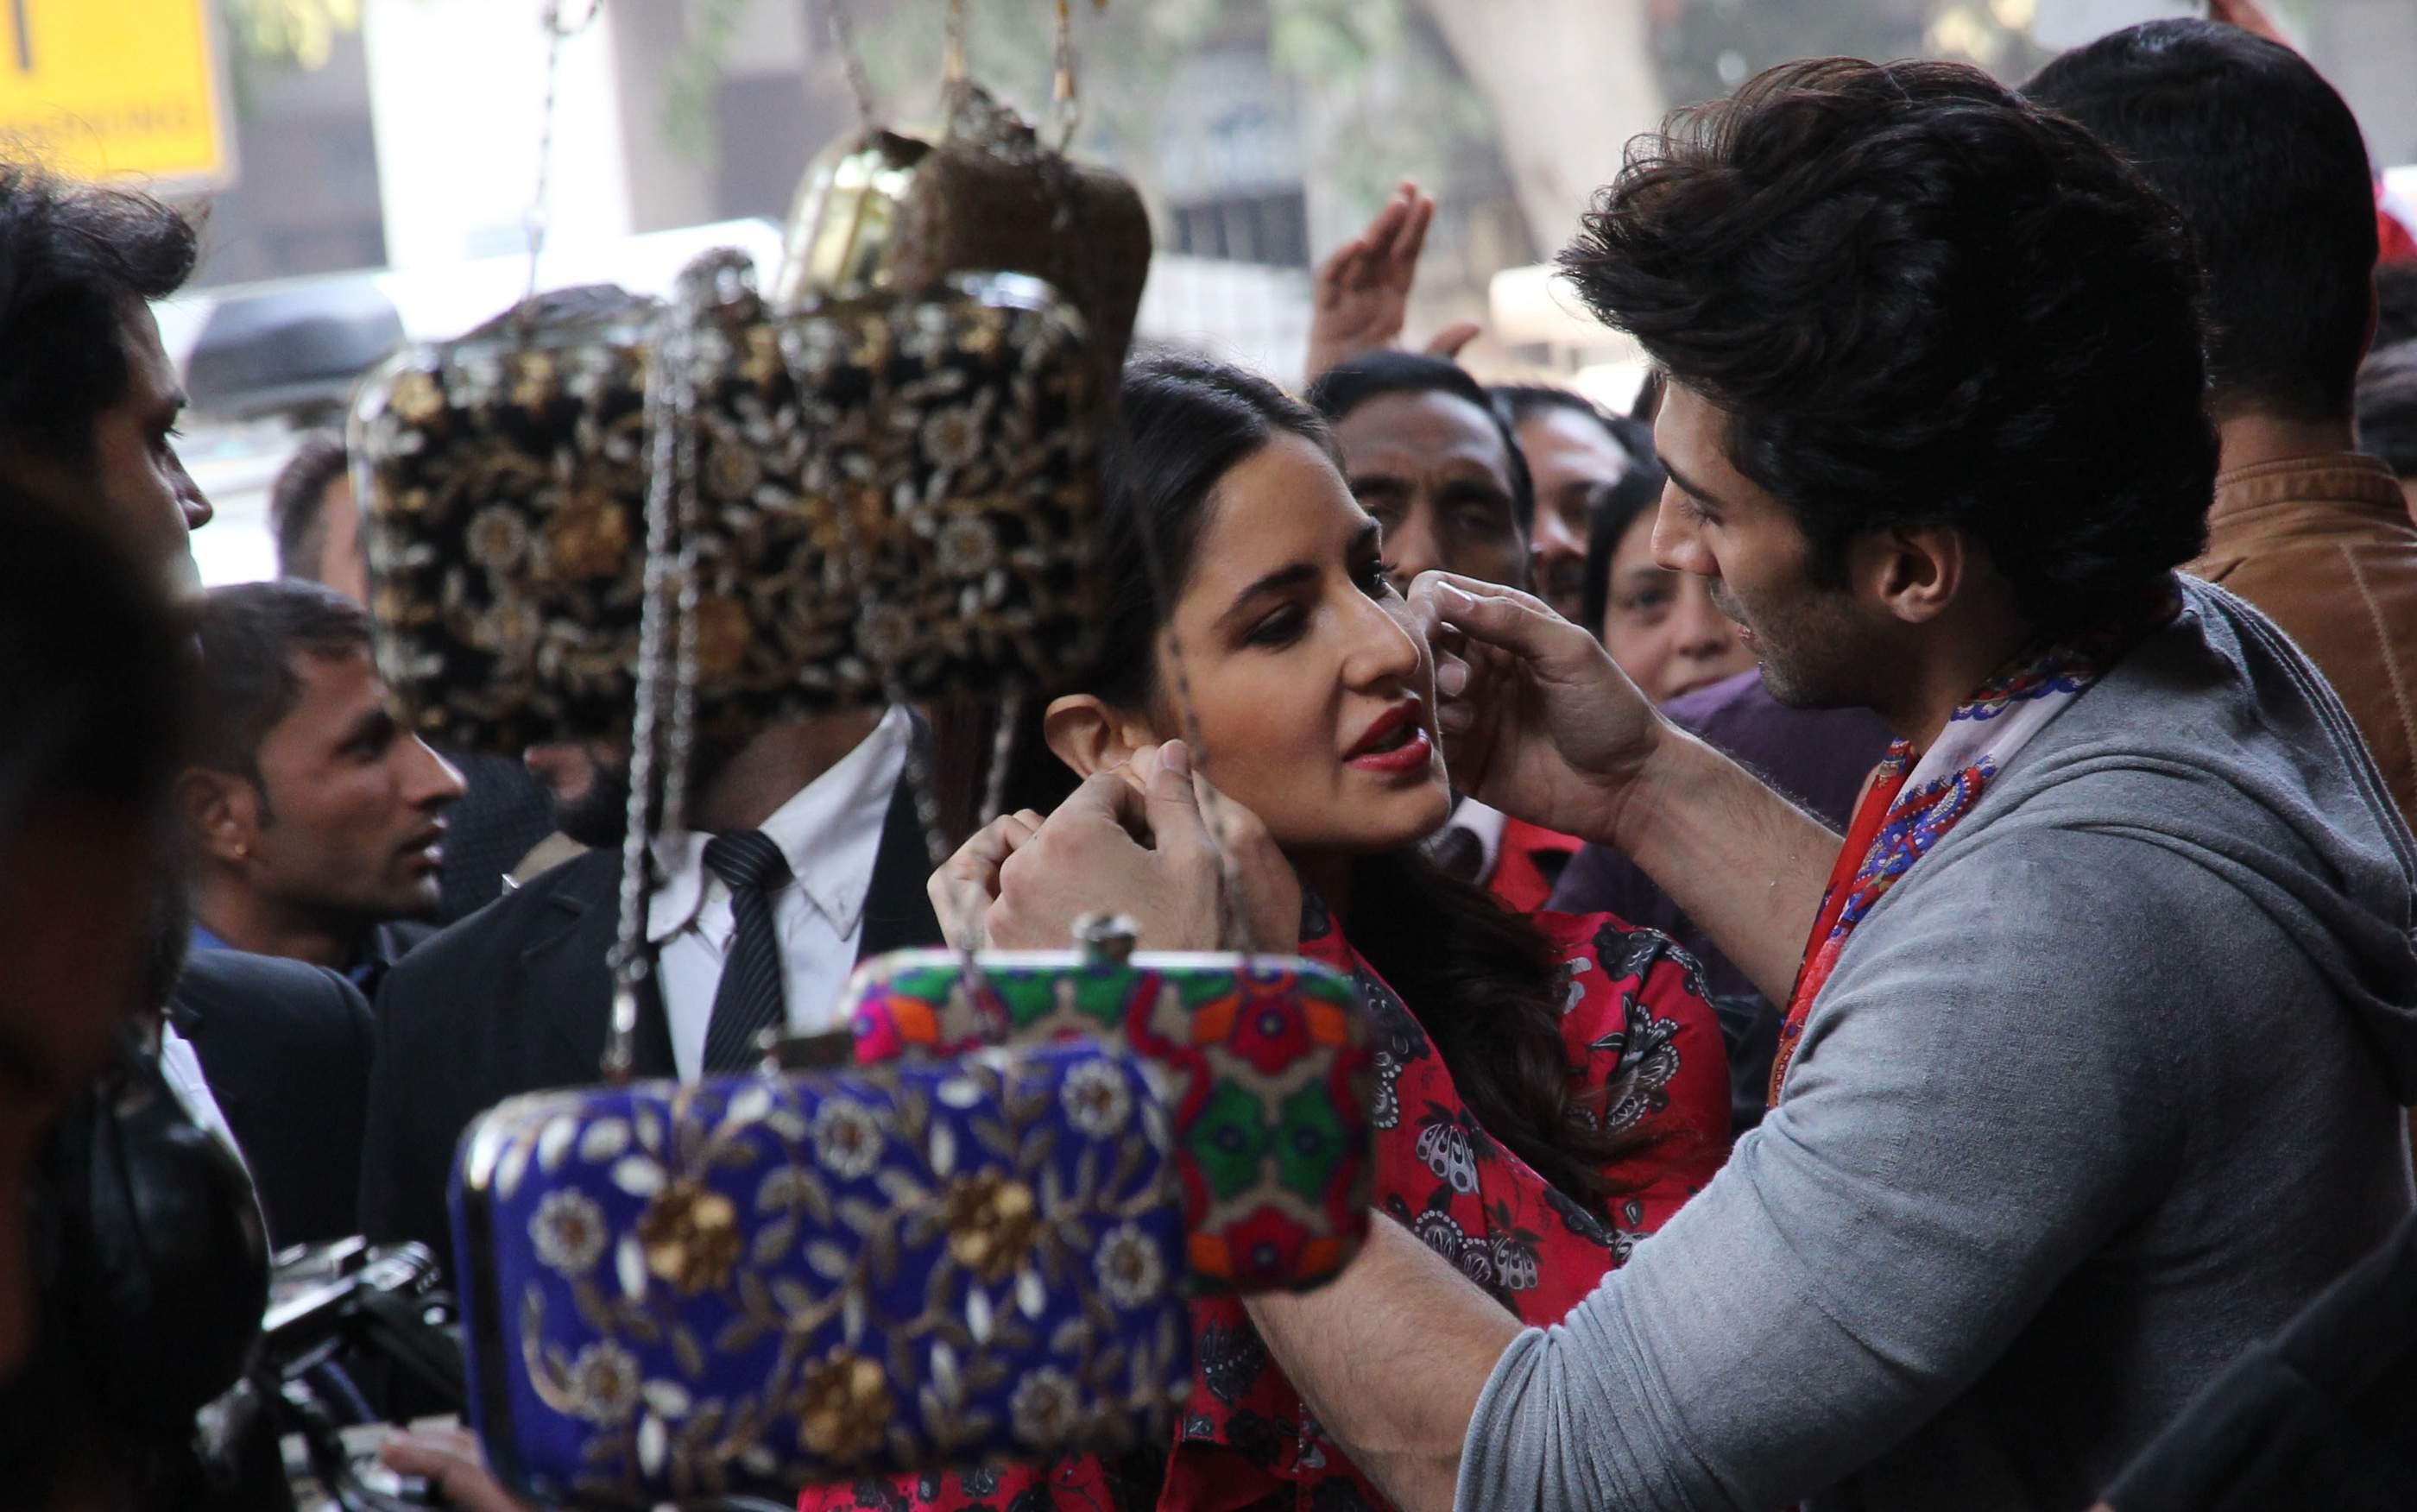 Bollywood: Katrina Kaif and Aditya Roy Kapoor shop together at Delhi's Janpath